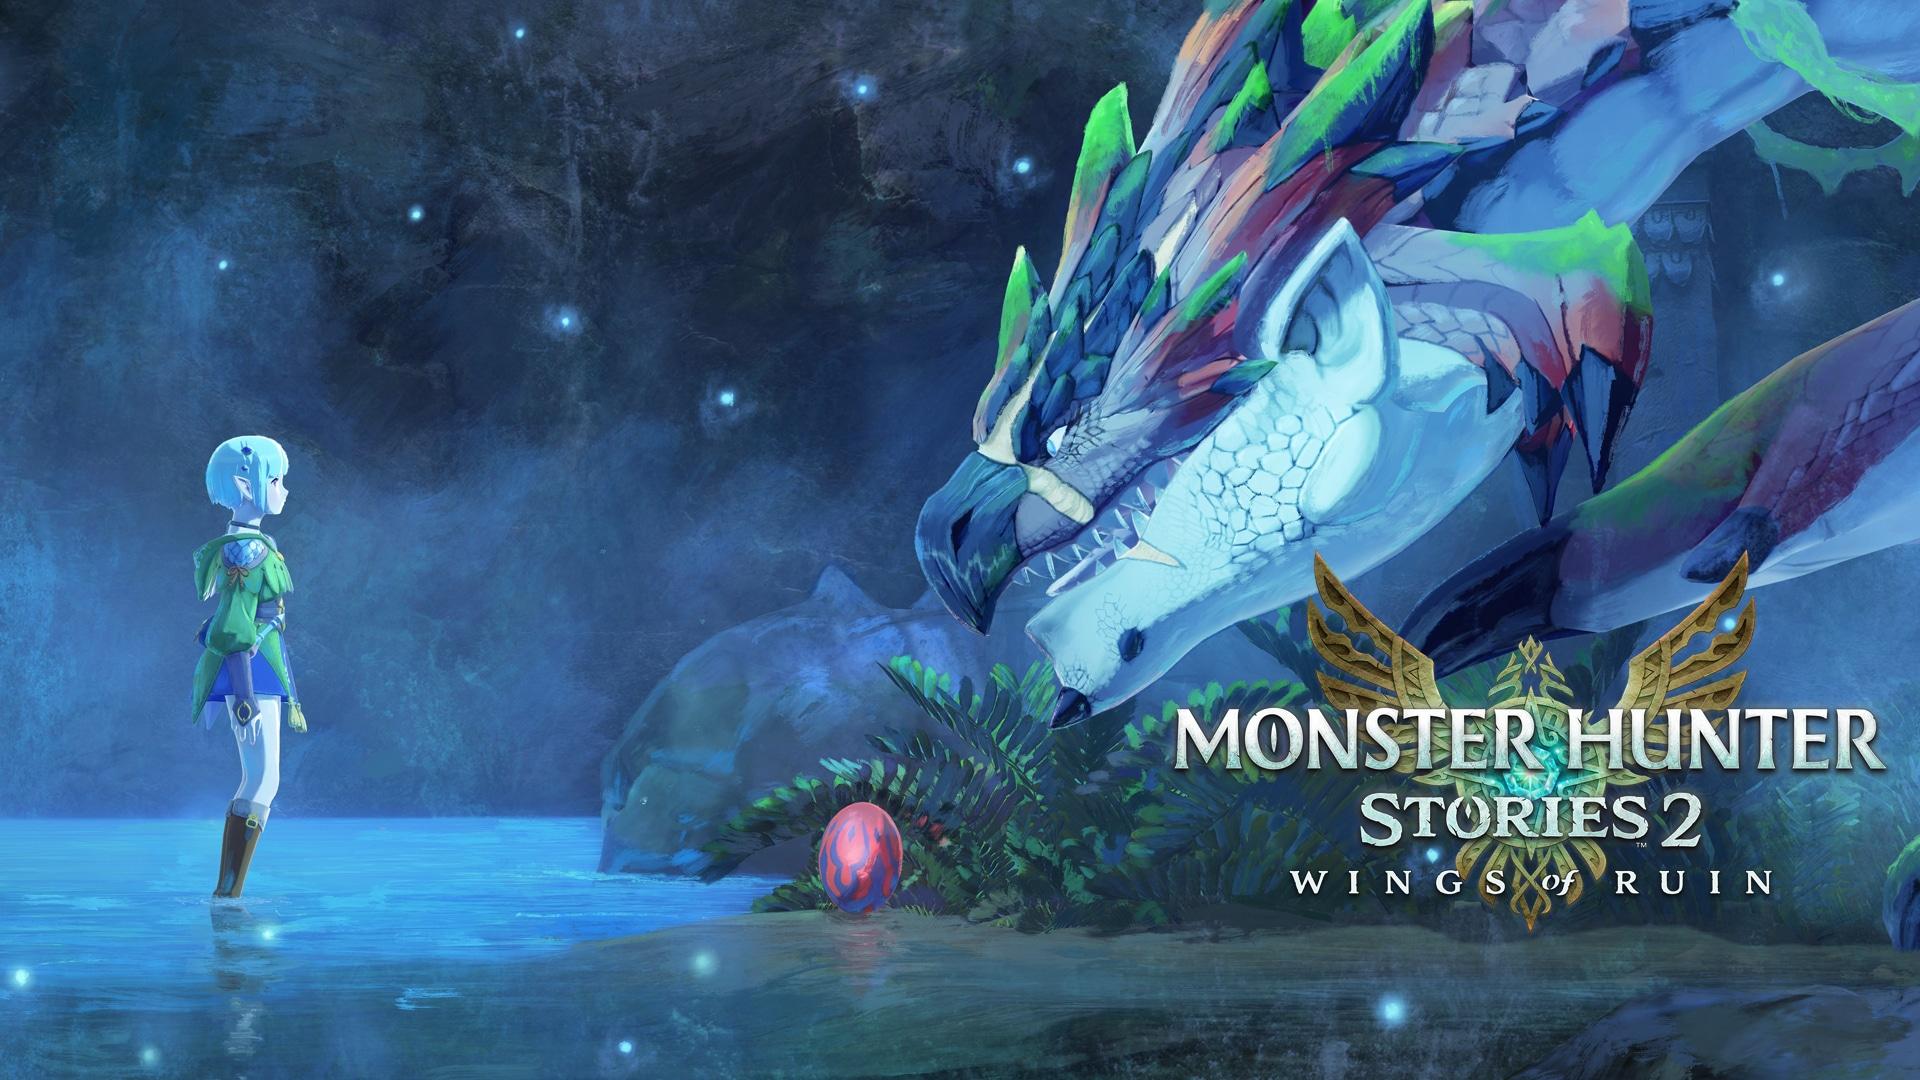 Tercera actualización de Monster Hunter Stories 2 llega este Jueves con nuevos monstruos